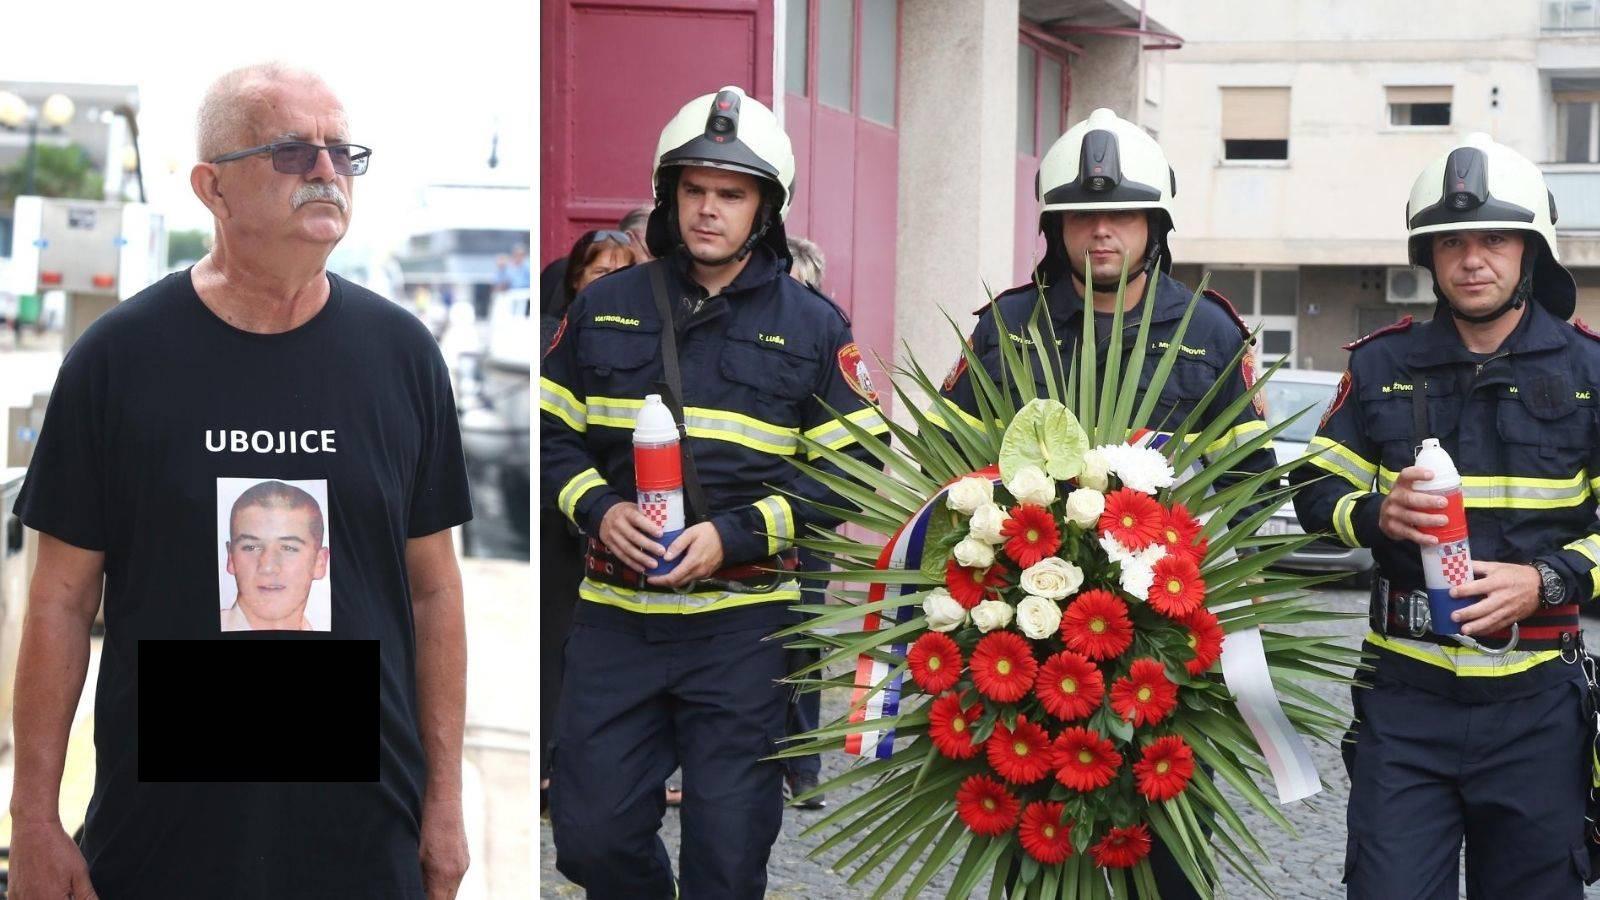 Otac stradalog vatrogasca (17) ima majicu s natpisom Ubojice